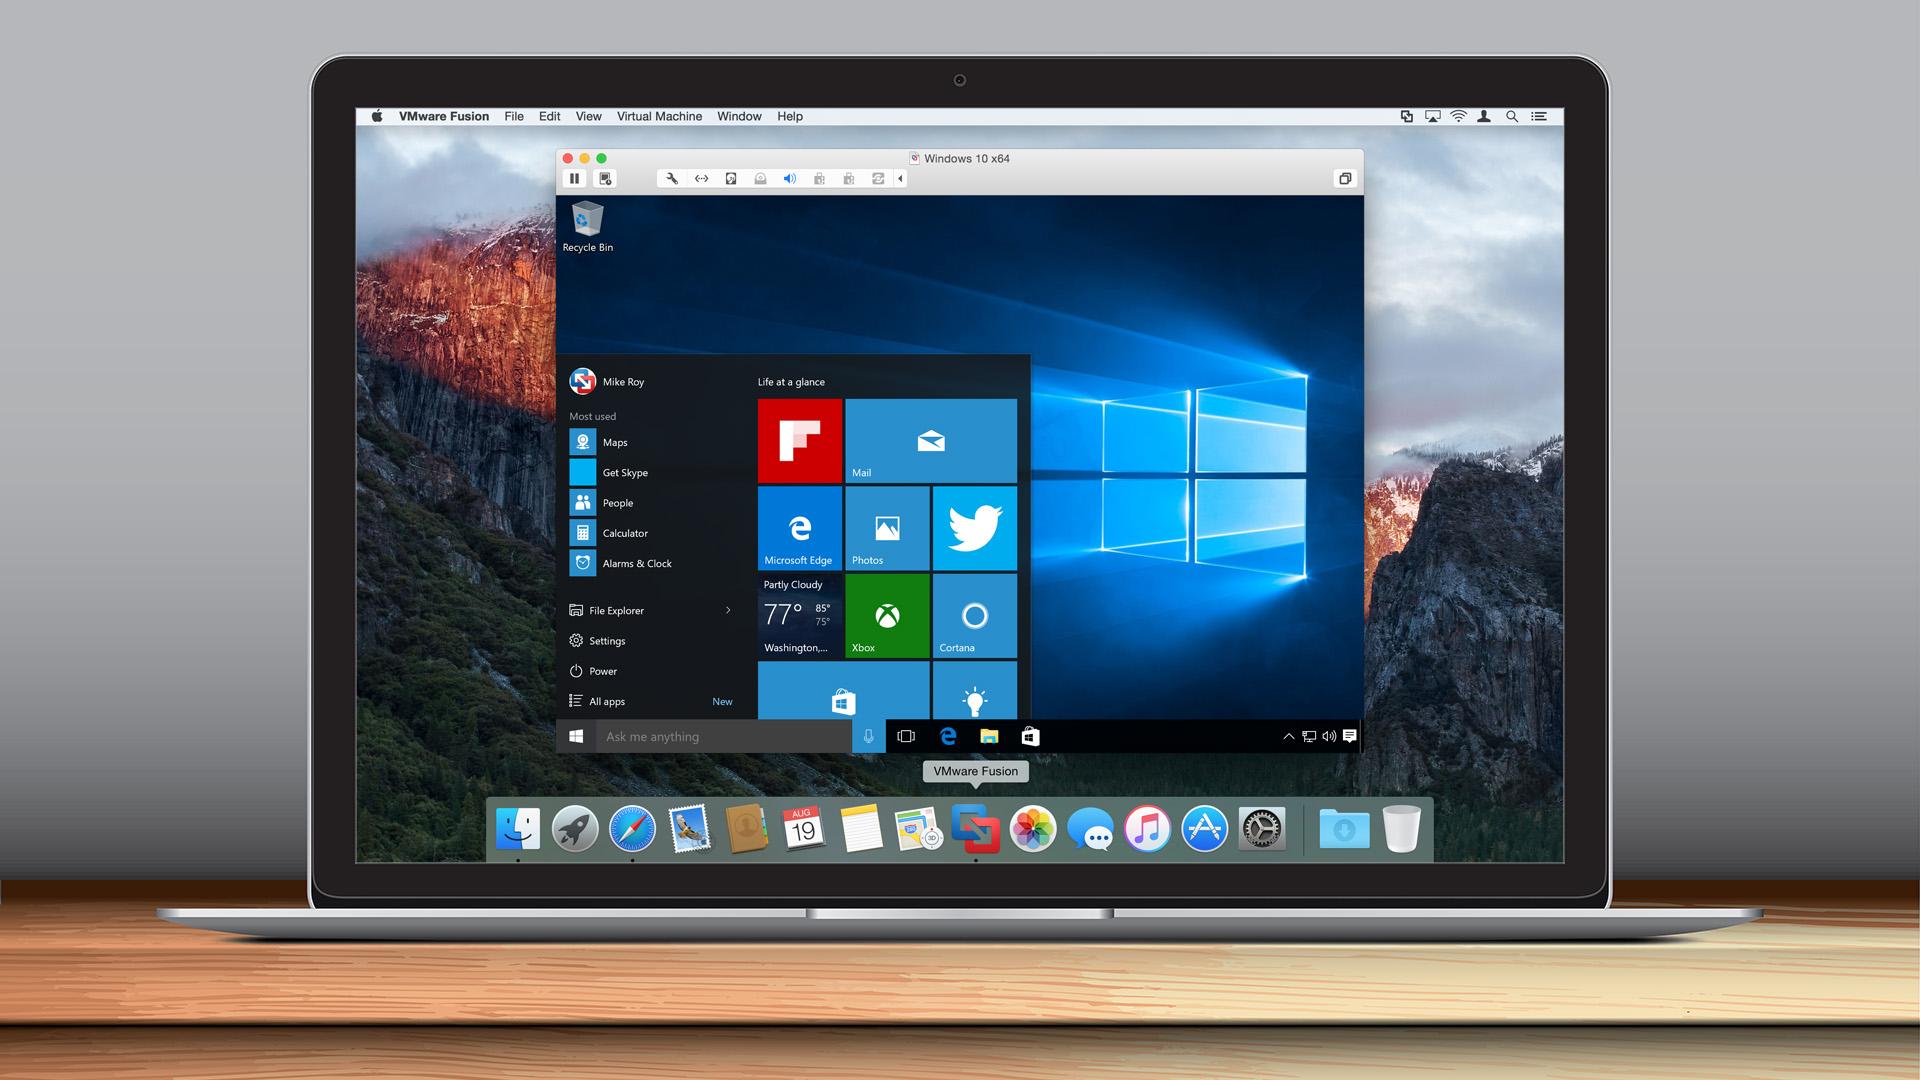 VMware annuncia il supporto di Fusion a macOS Sierra e Windows 10 Anniversary